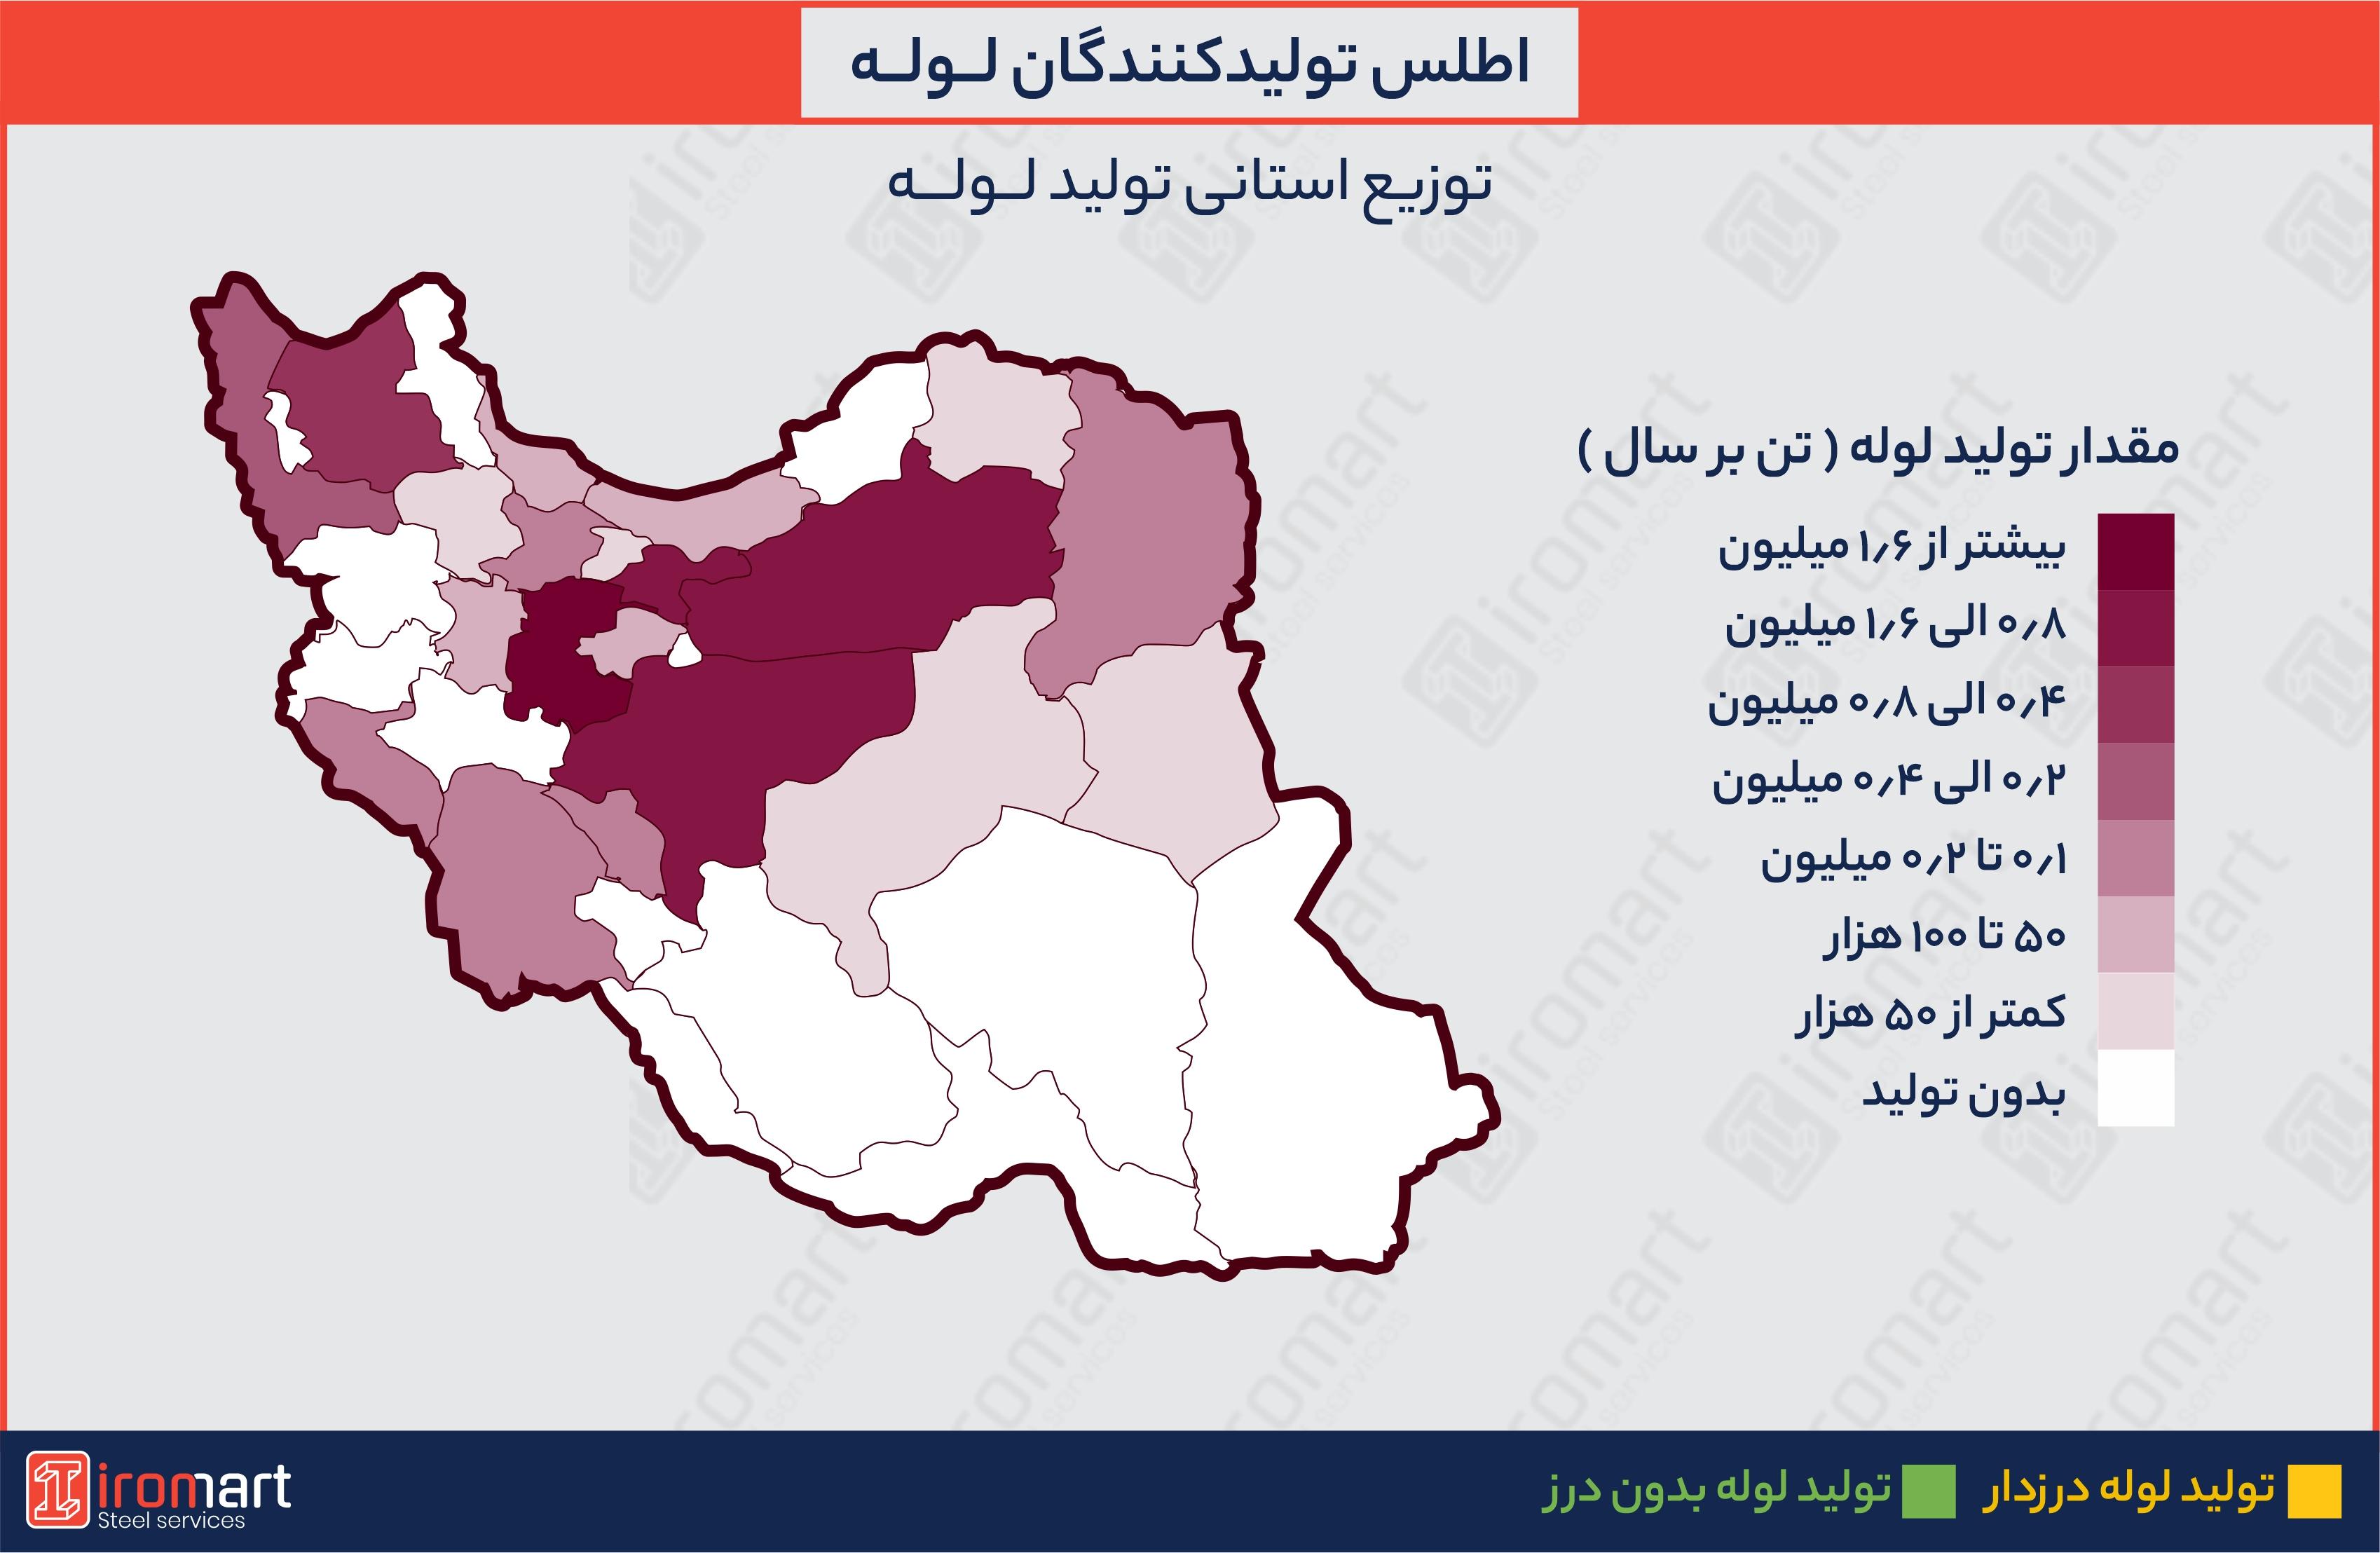 اطلس تولیدکنندگان لوله فولادی در ایران